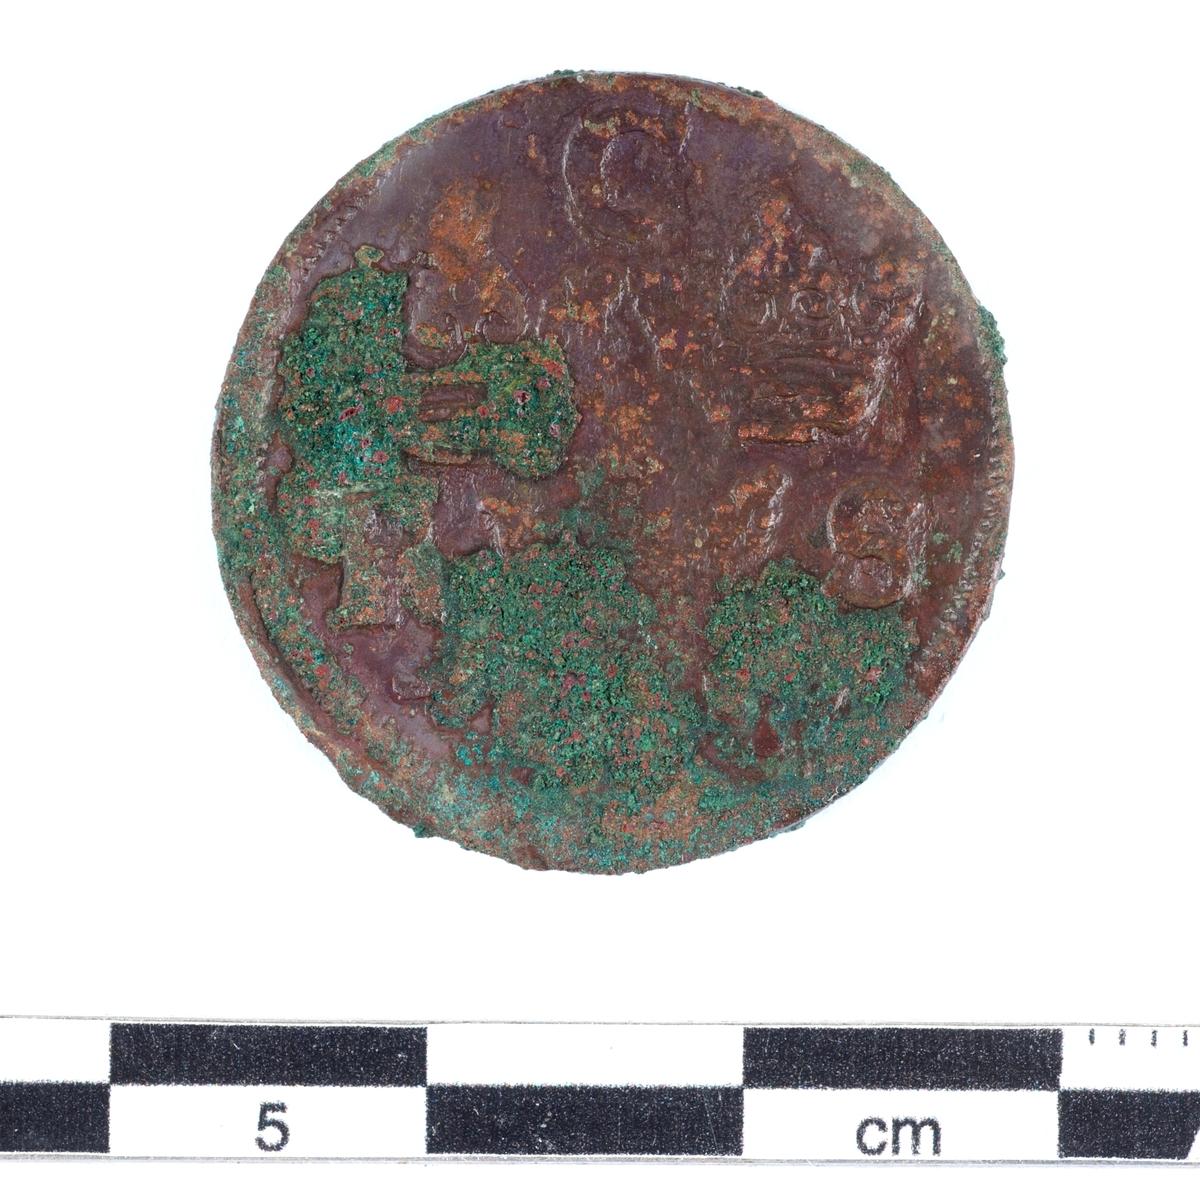 Mynt av kopparlegering. 1 öre. Präglat 1677 under Karl XI regeringstid (1660-1697).